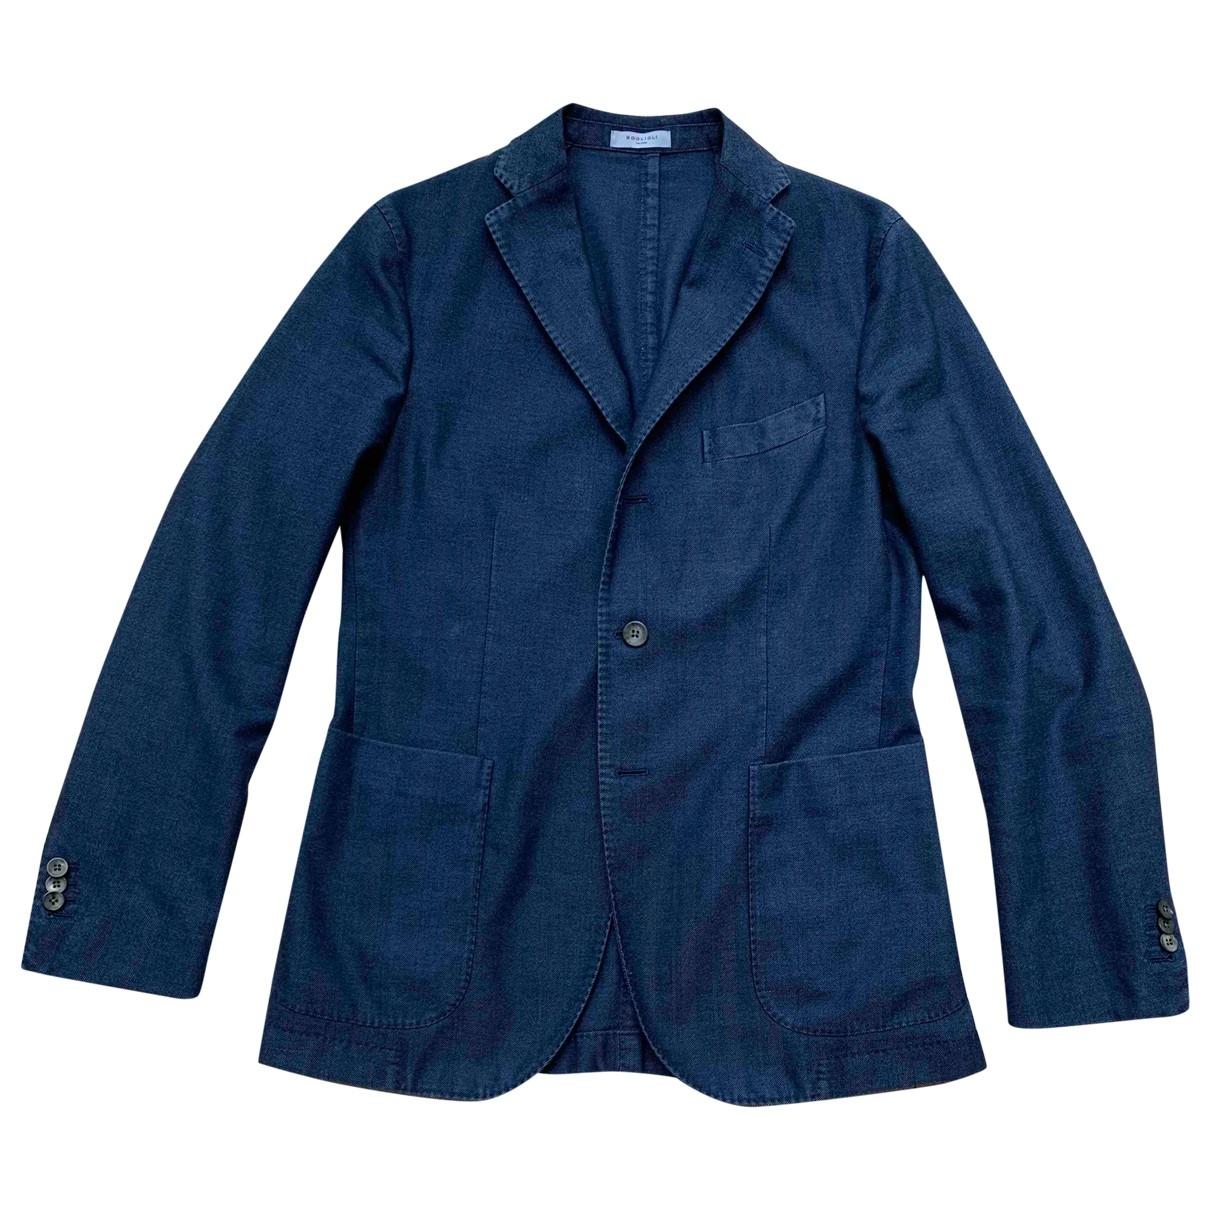 Boglioli - Vestes.Blousons   pour homme en coton - bleu